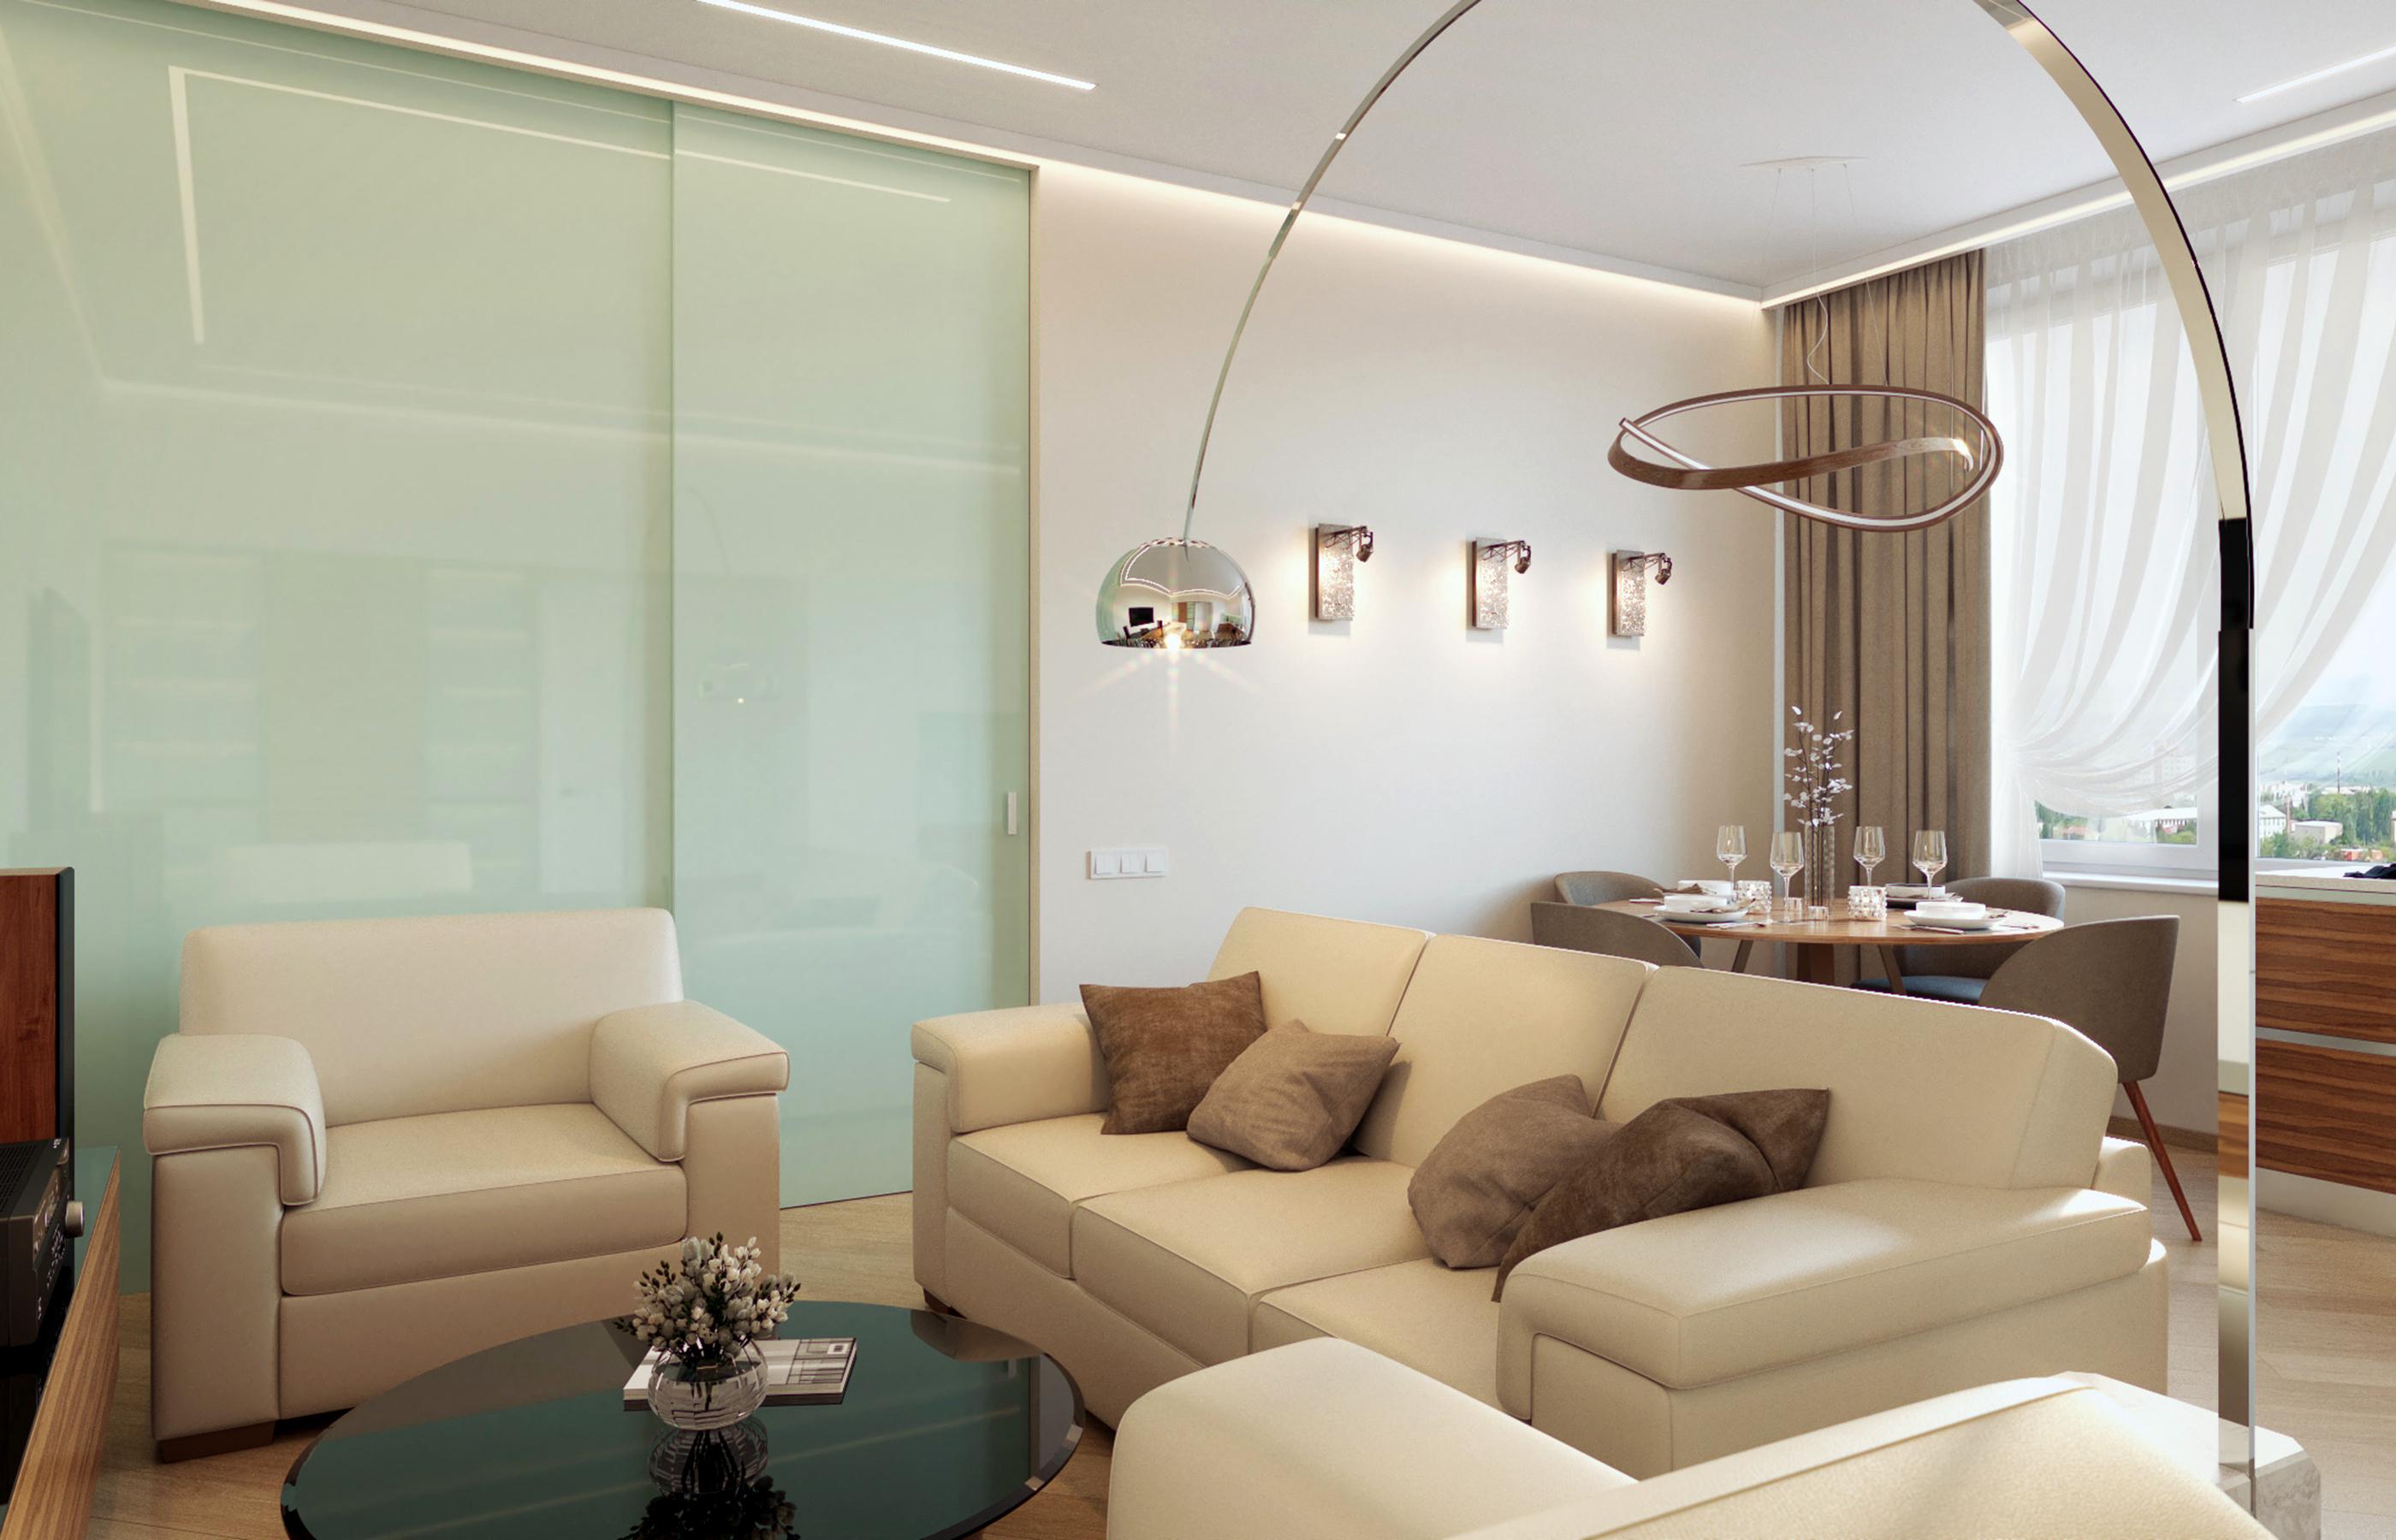 Для освещения гостиной использовано как направленное целевой освещение, так и скрытое рассеянное